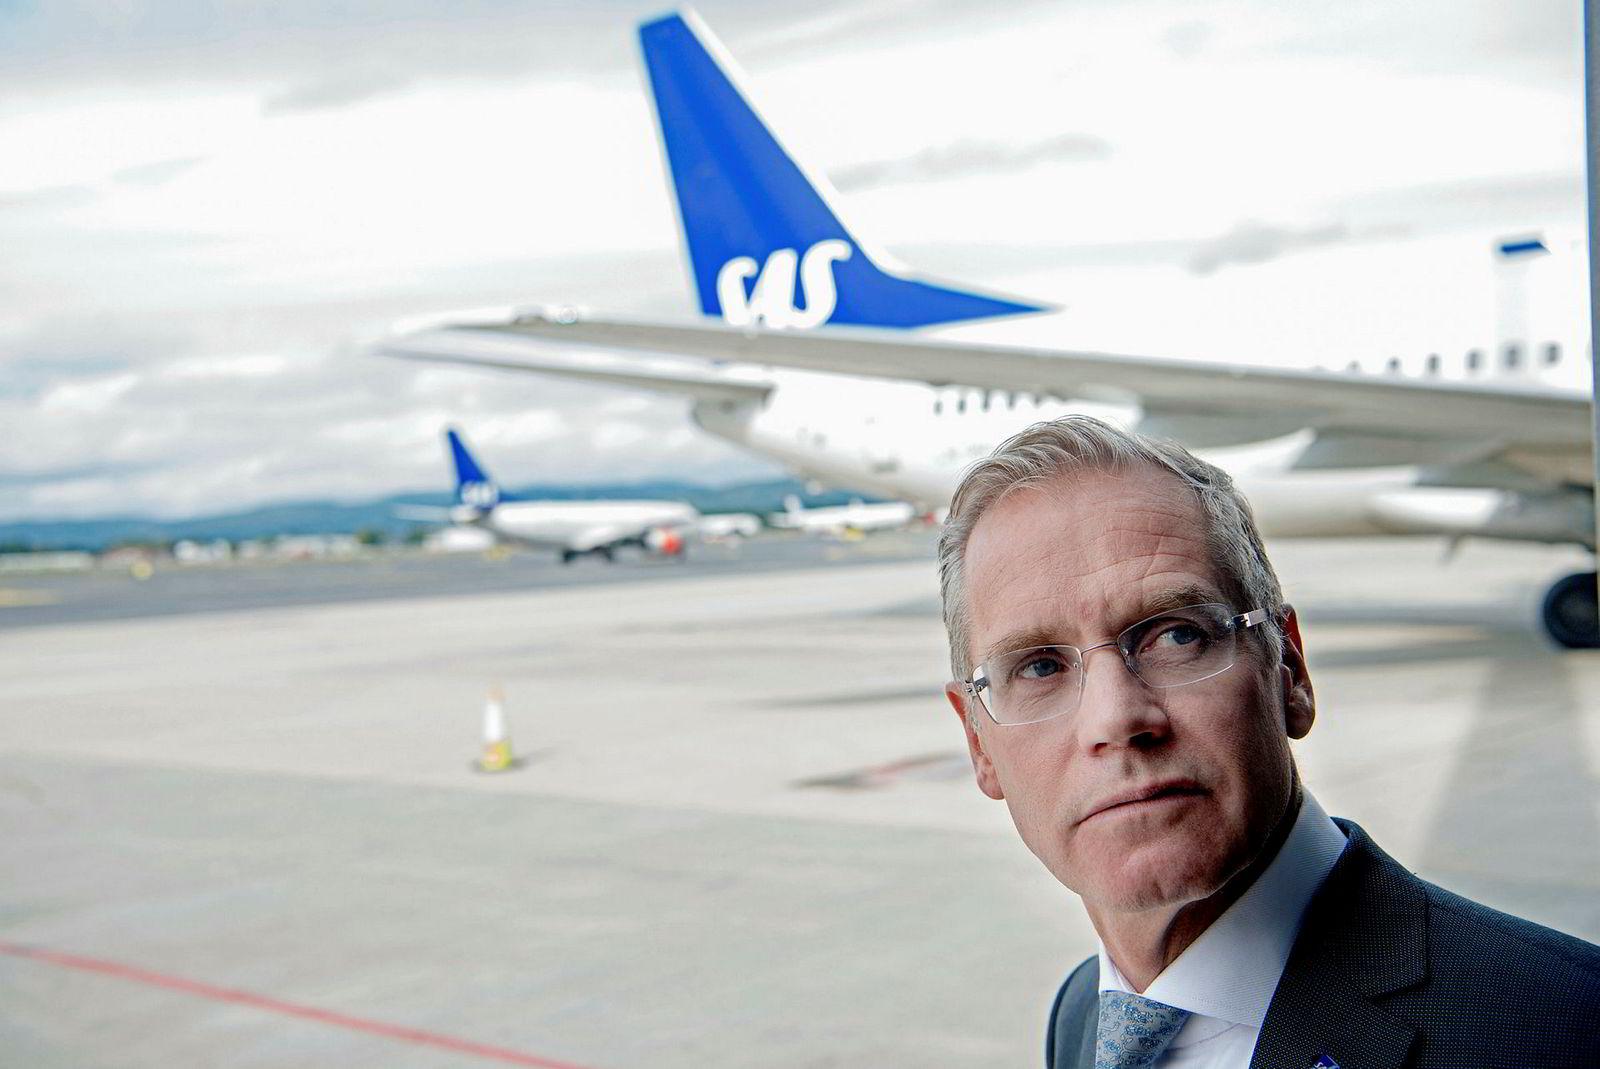 – Vi trenger å modernisere hvordan vi kommuniserer og forhandler med våre ansatte, sier SAS-sjef Rickard Gustafson.